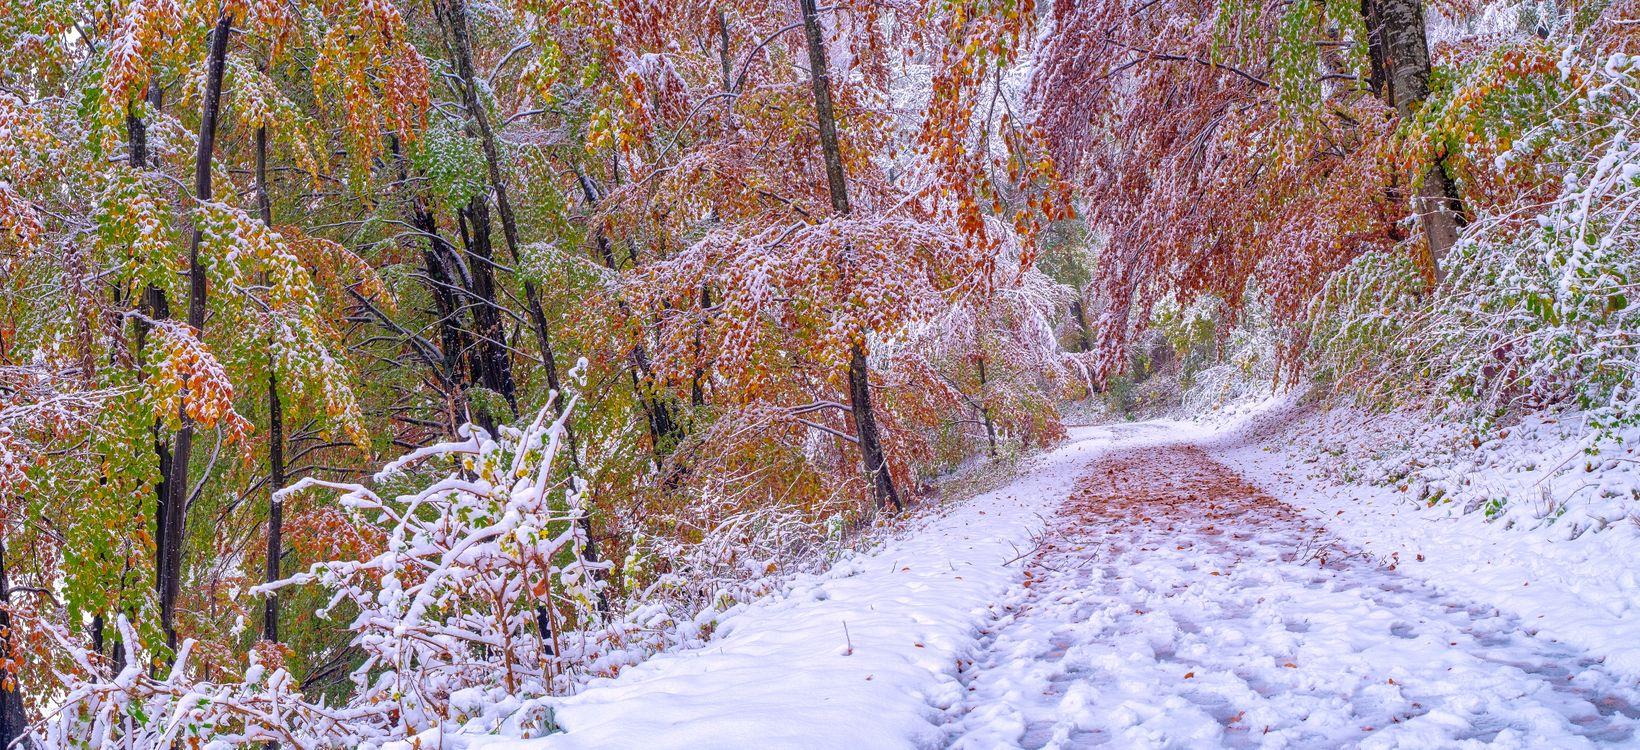 Фото бесплатно зима, осень, лес, деревья, дорога, снег, осенние листья, осенние краски, природа, пейзаж, панорама, пейзажи